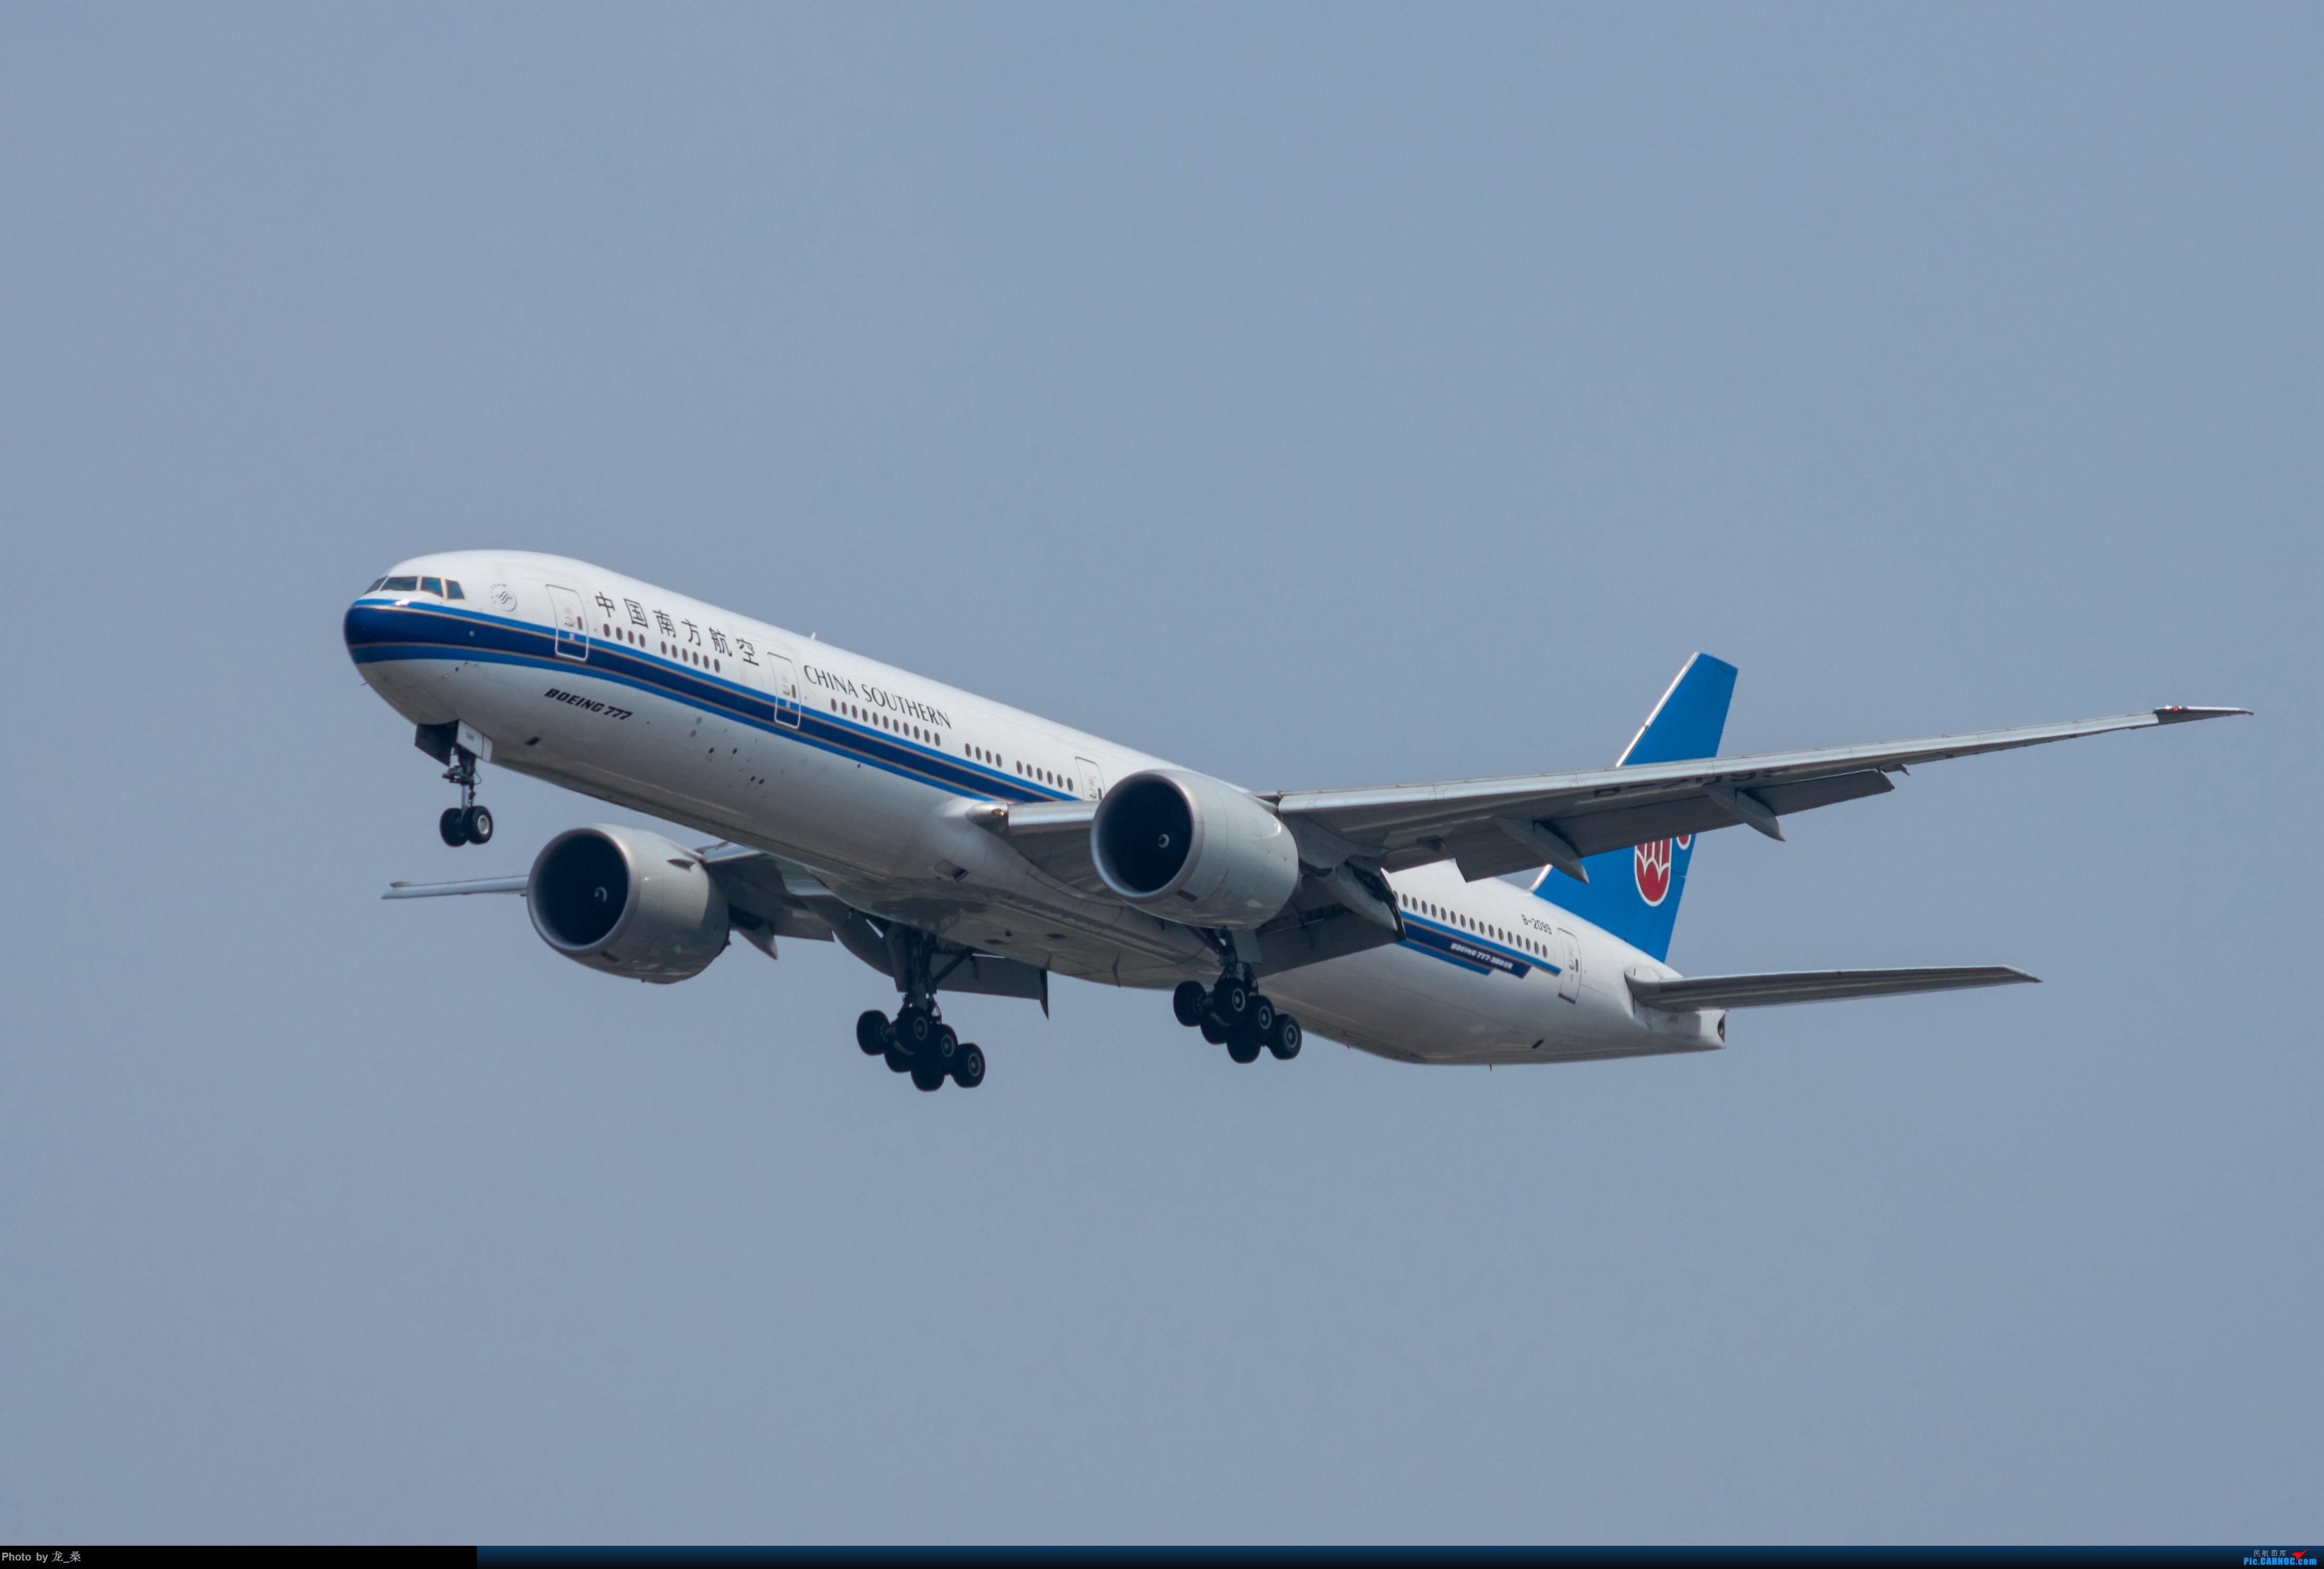 Re:[原创]发一组老图,去年拍的CAN东跑道进近 BOEING 777-300ER B-2099 中国广州白云国际机场